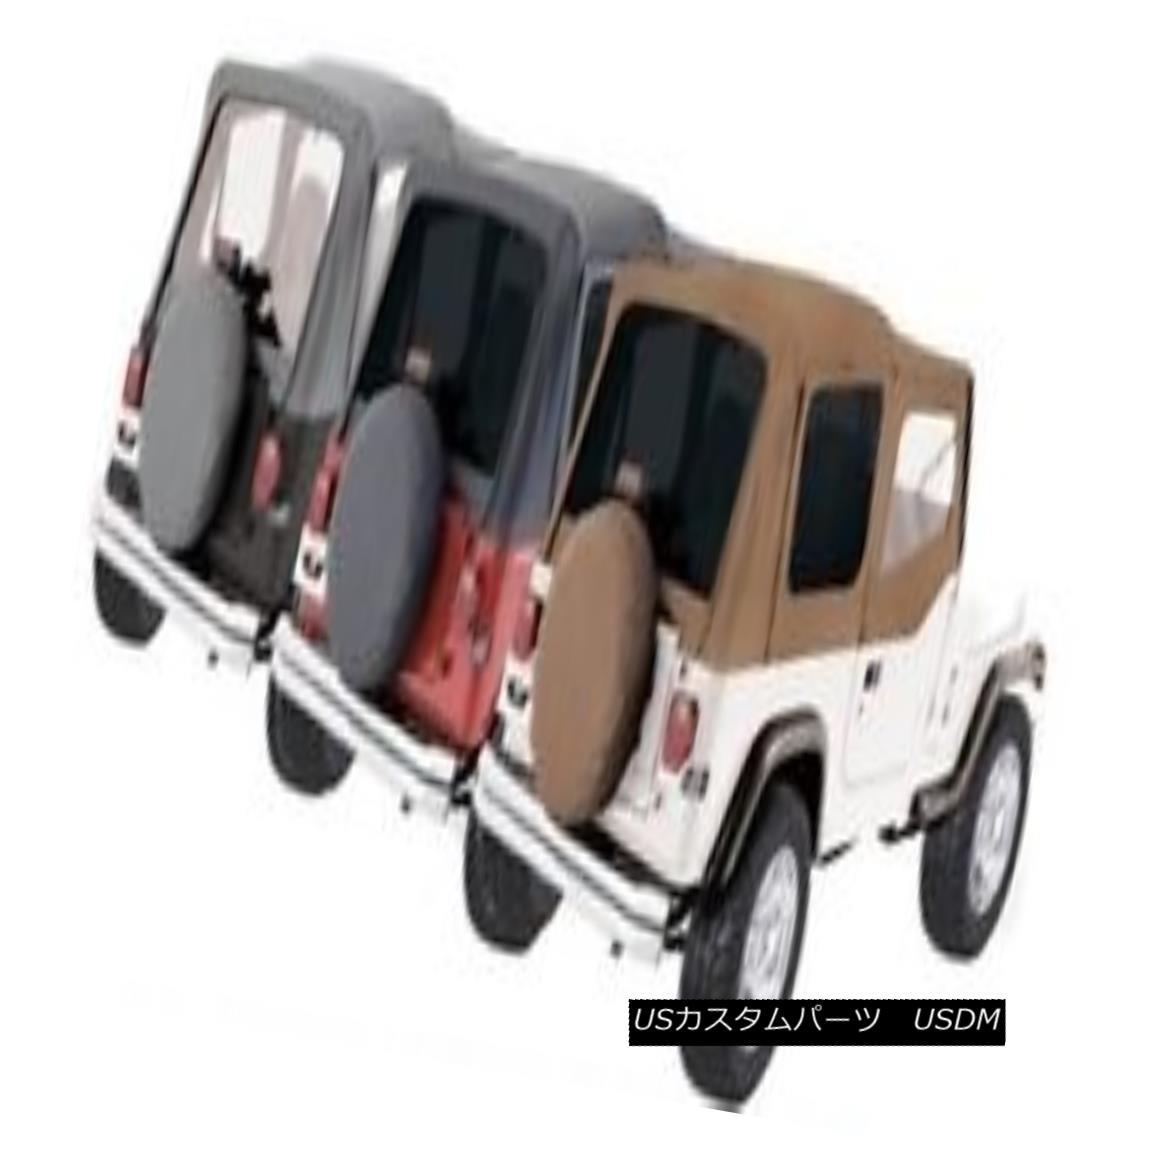 幌・ソフトトップ Rampage Factory Replacement Soft Top 88-95 Jeep Wrangler YJ 99617 Spice 暴走工場交換ソフトトップ88-95ジープラングラーYJ 99617スパイス